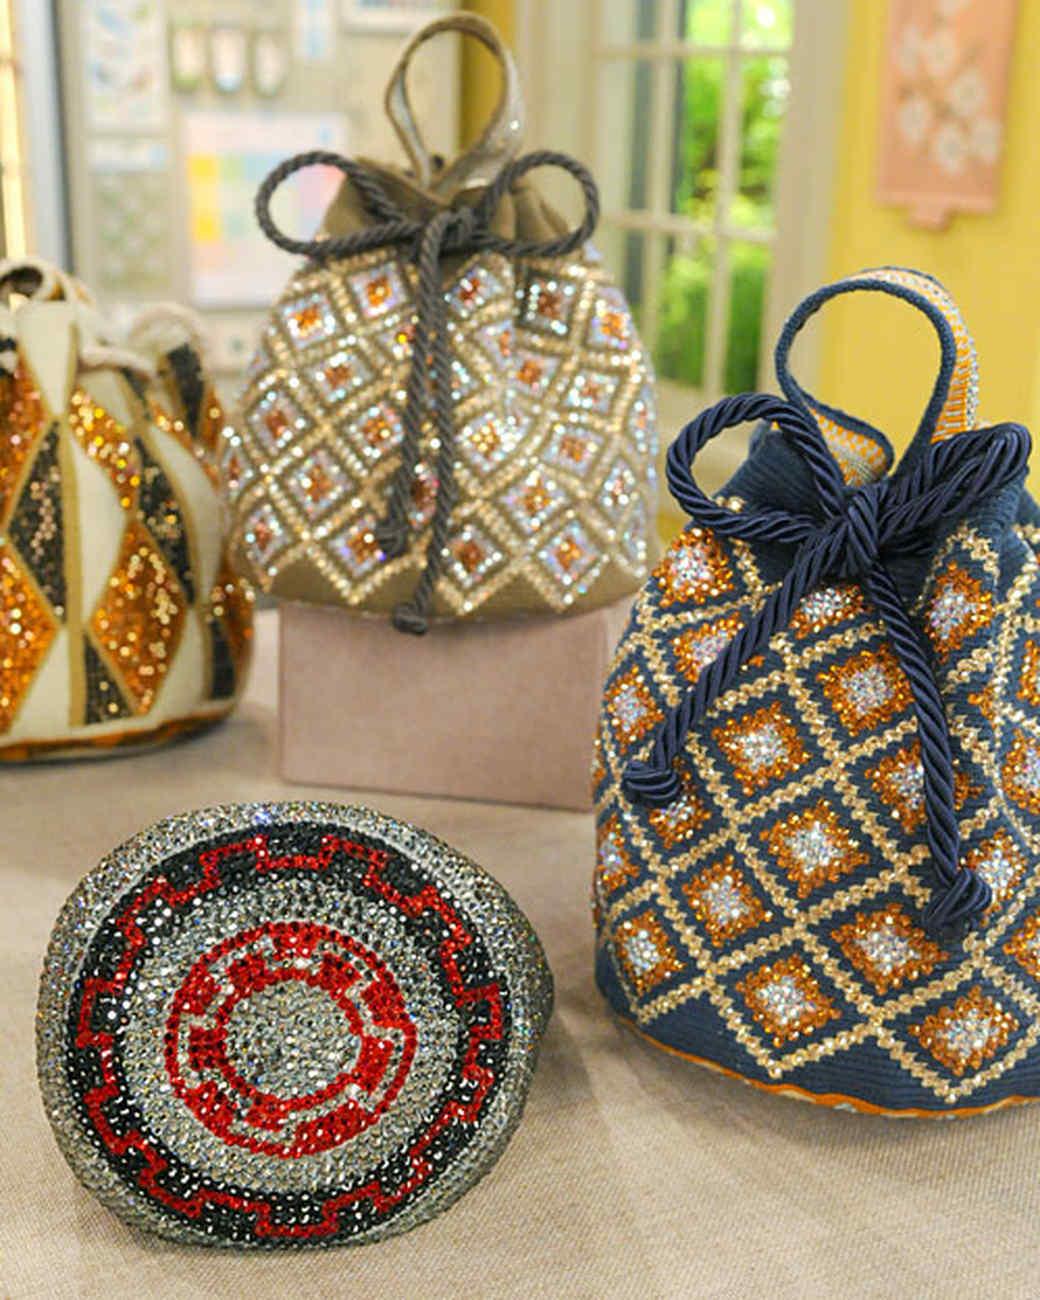 Swarovski Crystal-Embellished Handbag